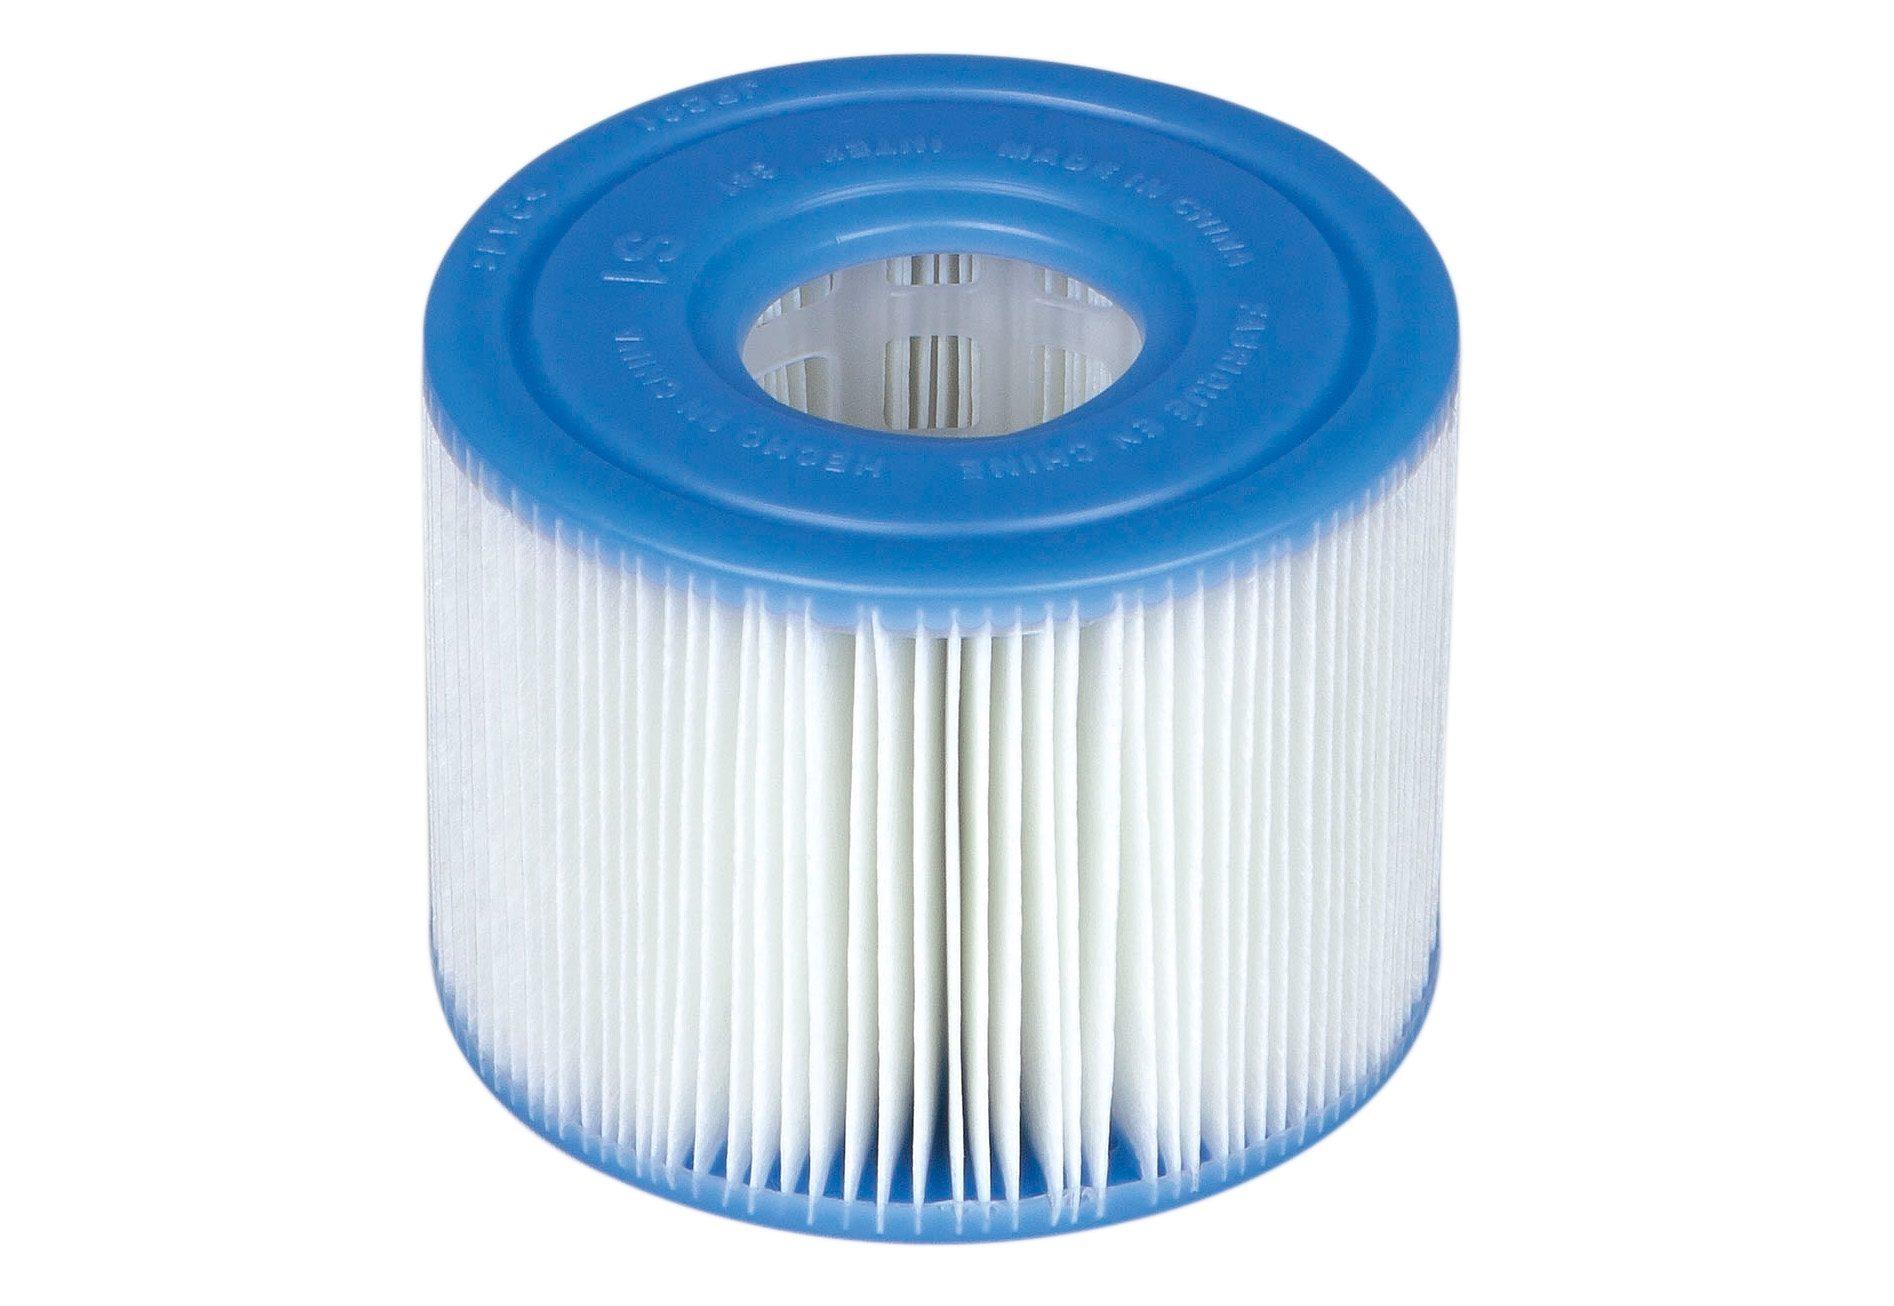 Filterkartusche, »Filterkartusche für PureSpa«, Intex (2er Set)